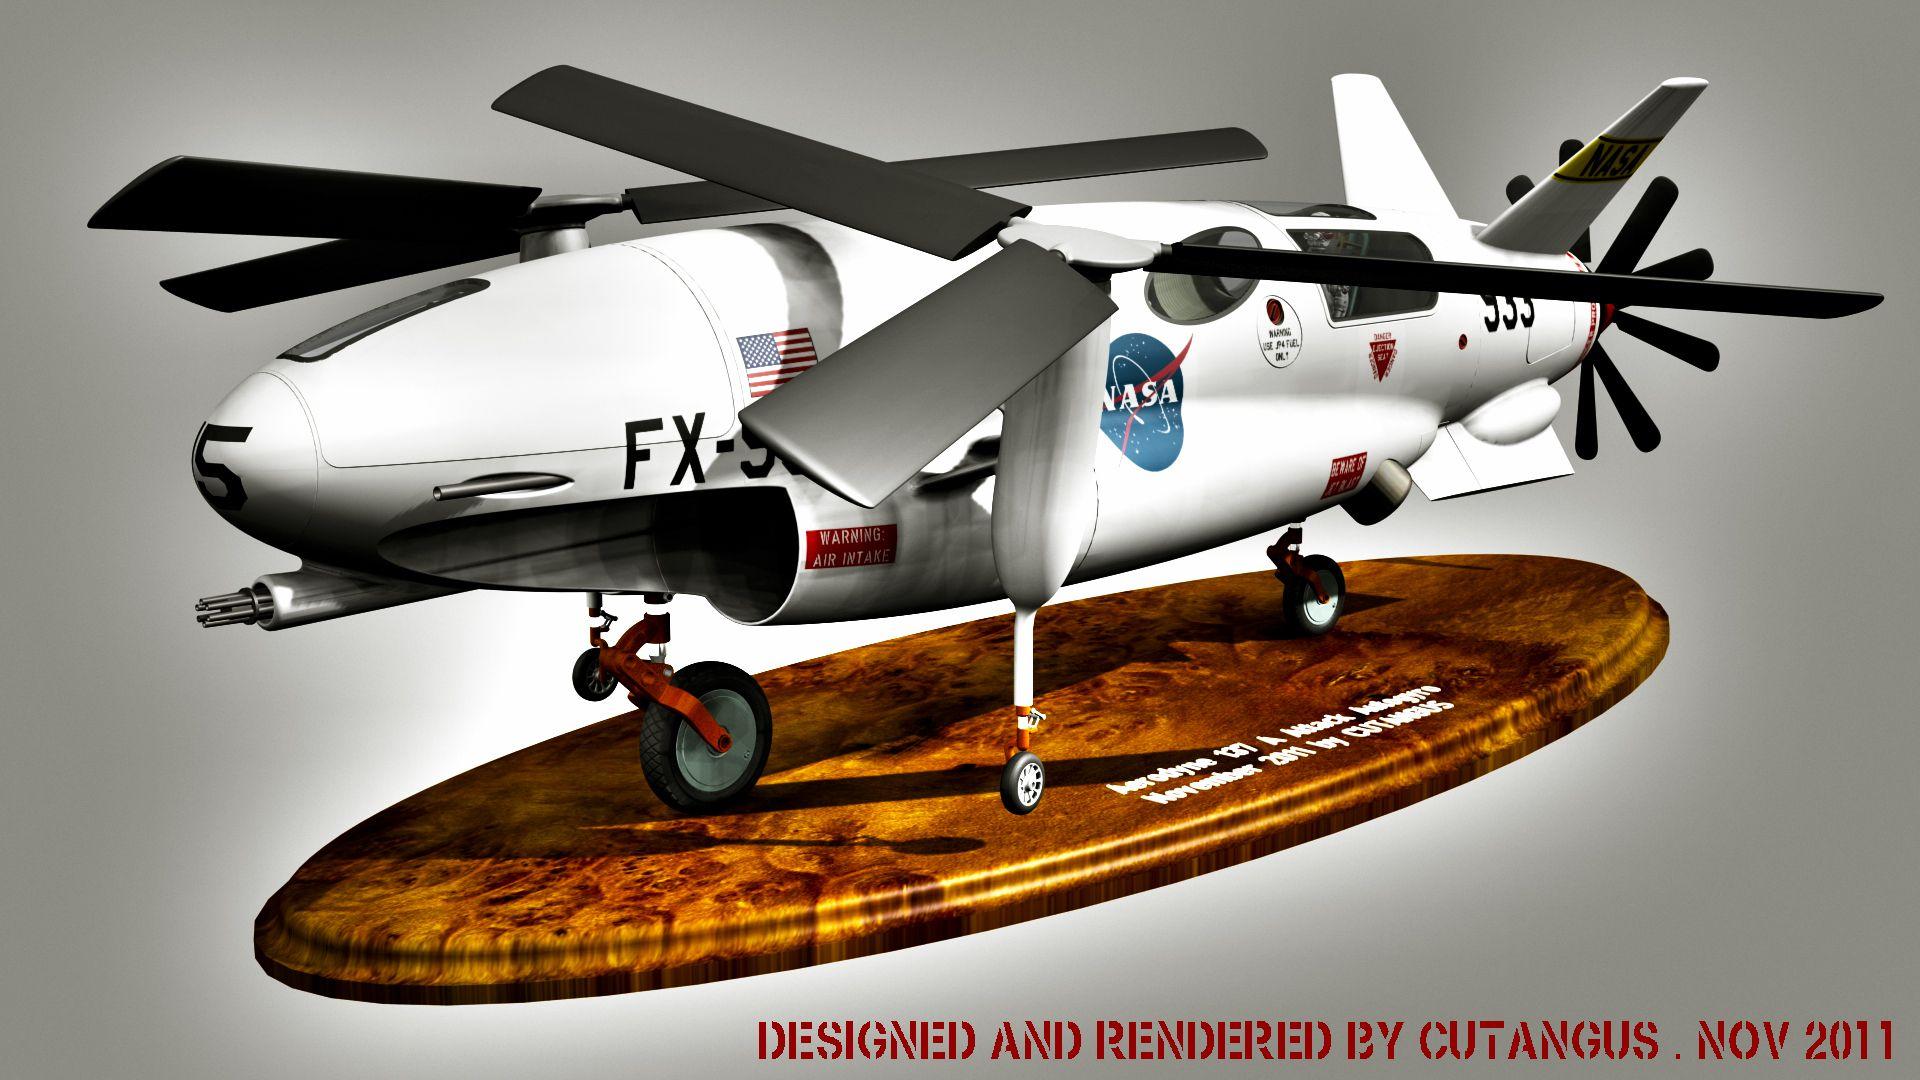 N.A.S.A. model by CUTANGUS on DeviantArt